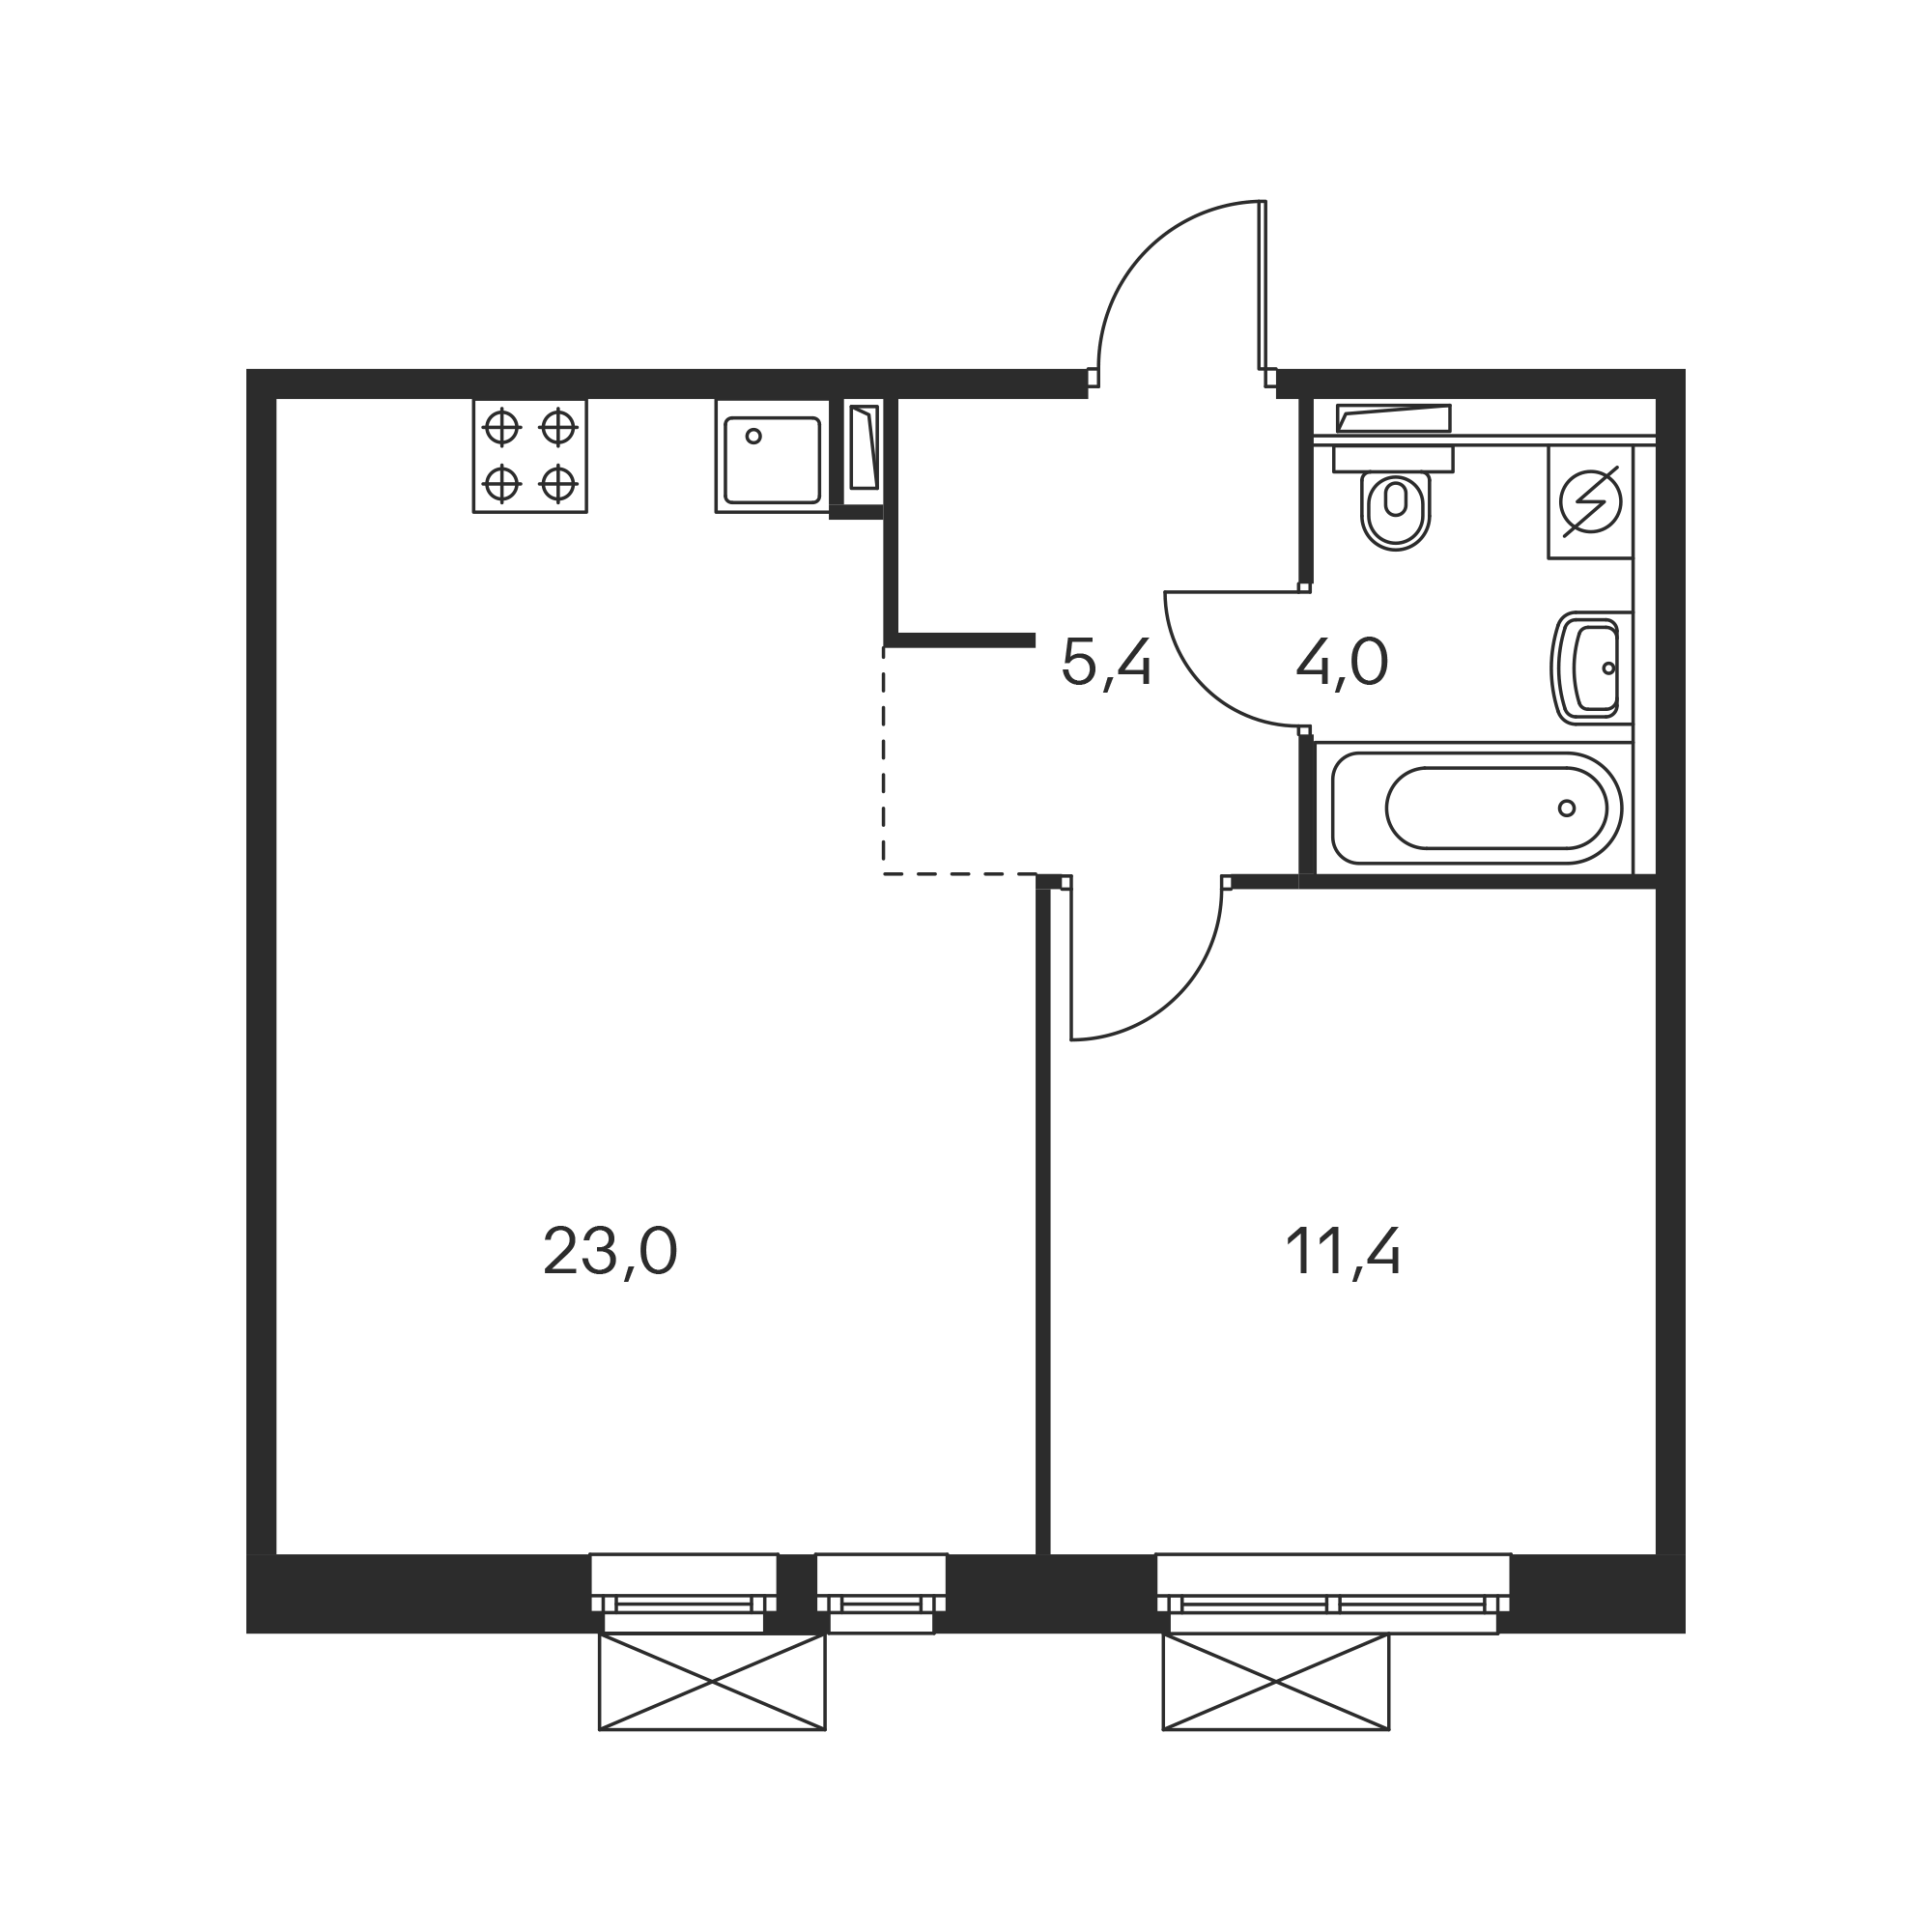 1EL5_7.5-1w2